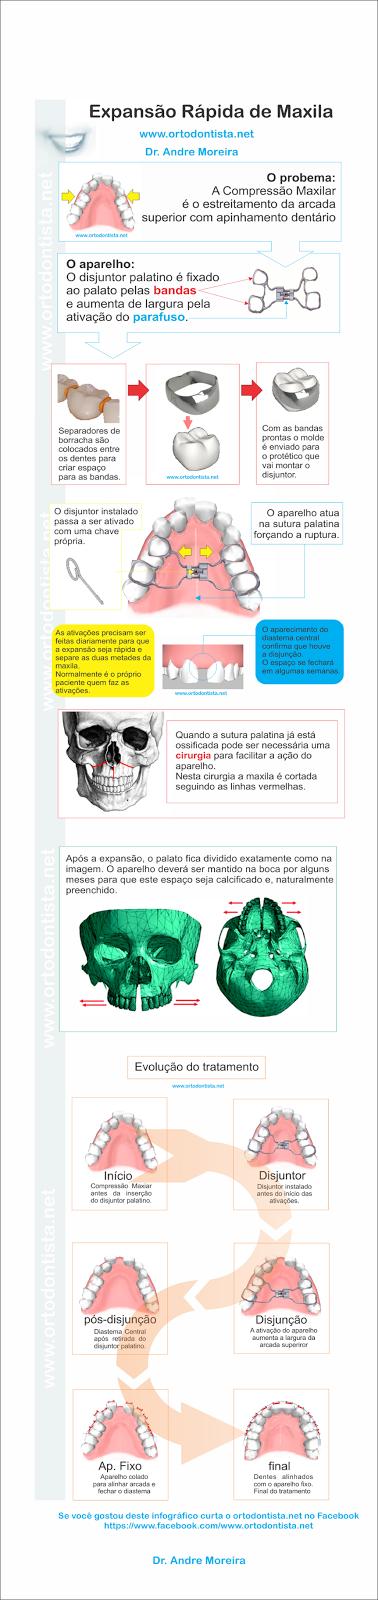 aparelho dentário, aparelho fixo, aparelho ortodontico, diário aparelho dentário, expansor fixo, hirax, hyrax, mordida cruzada, ortodontia,